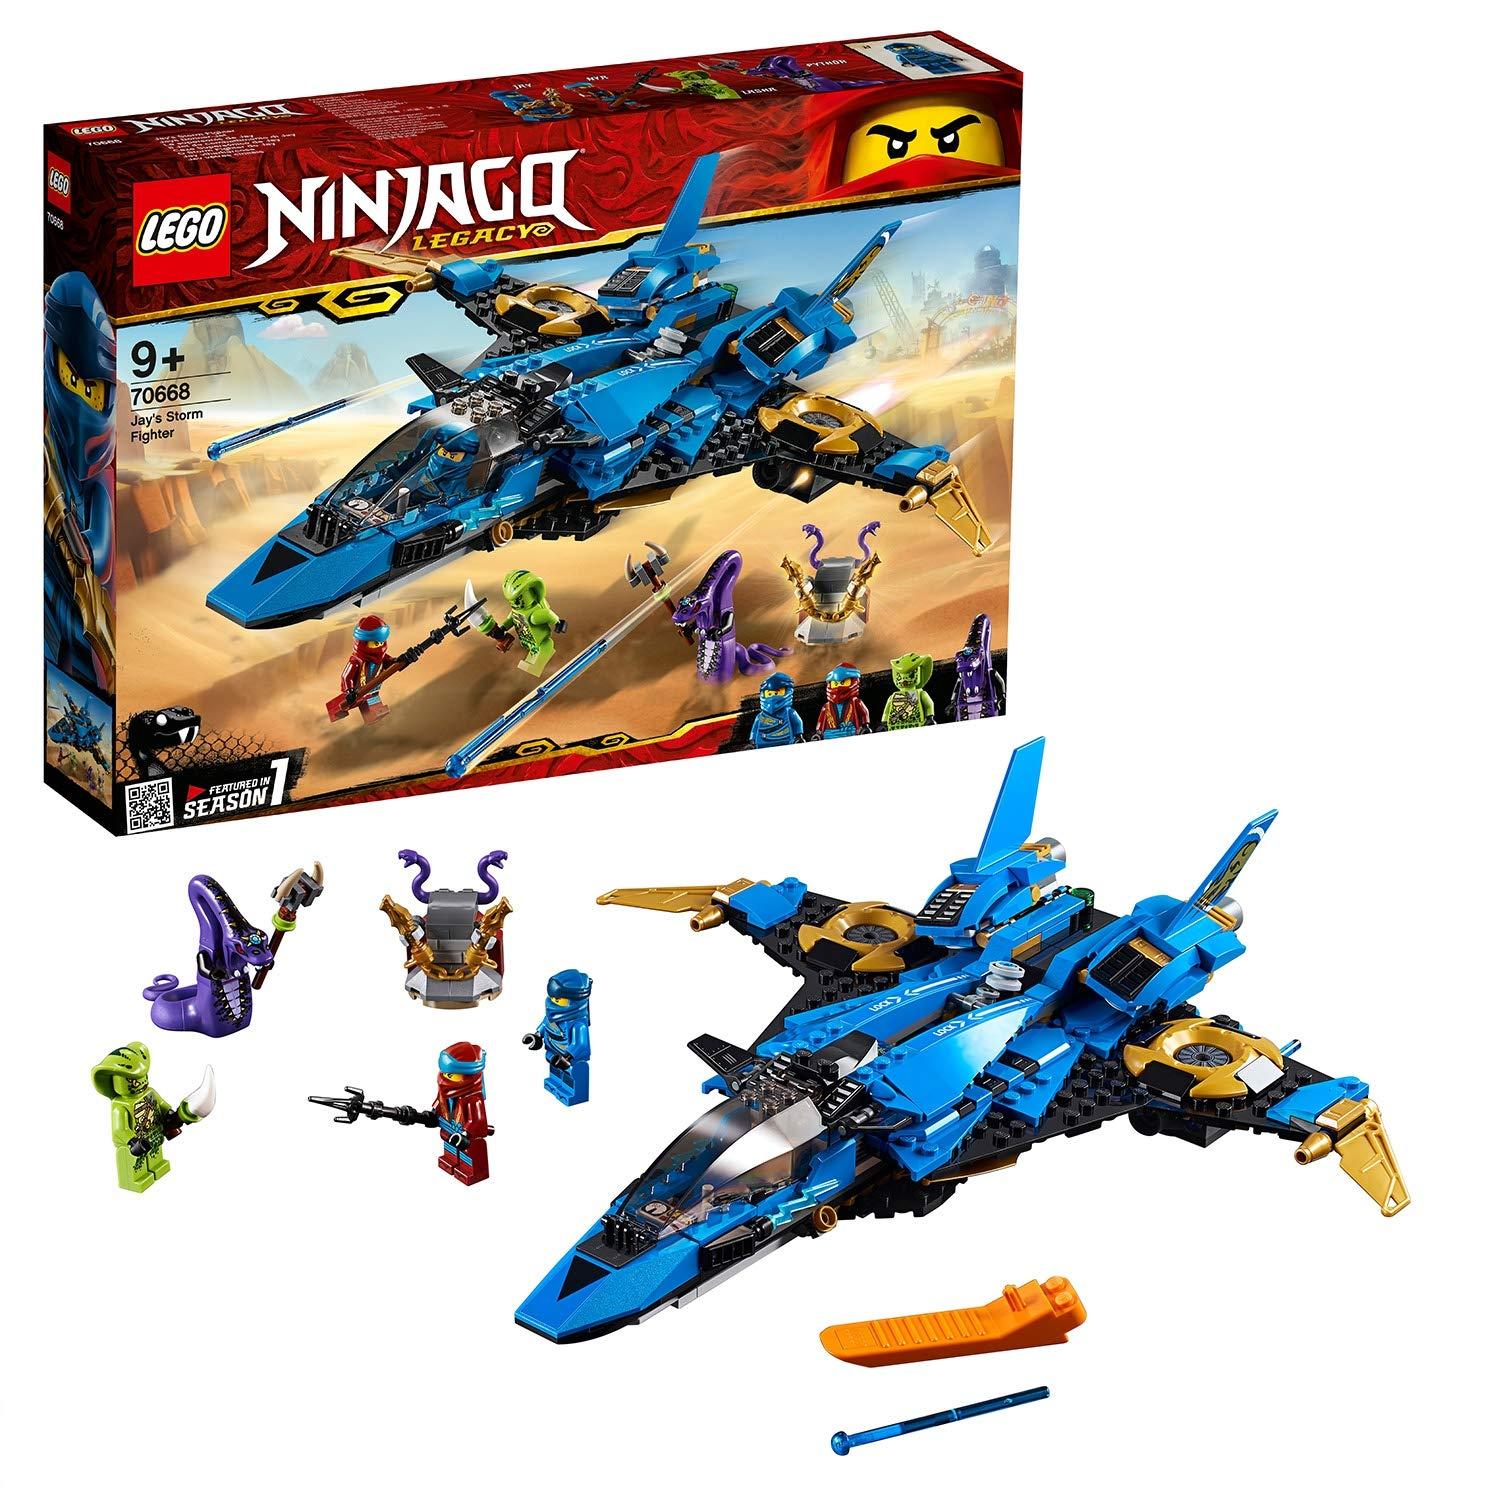 Jeu de construction Lego Ninjago Le supersonic de Jay n°70668